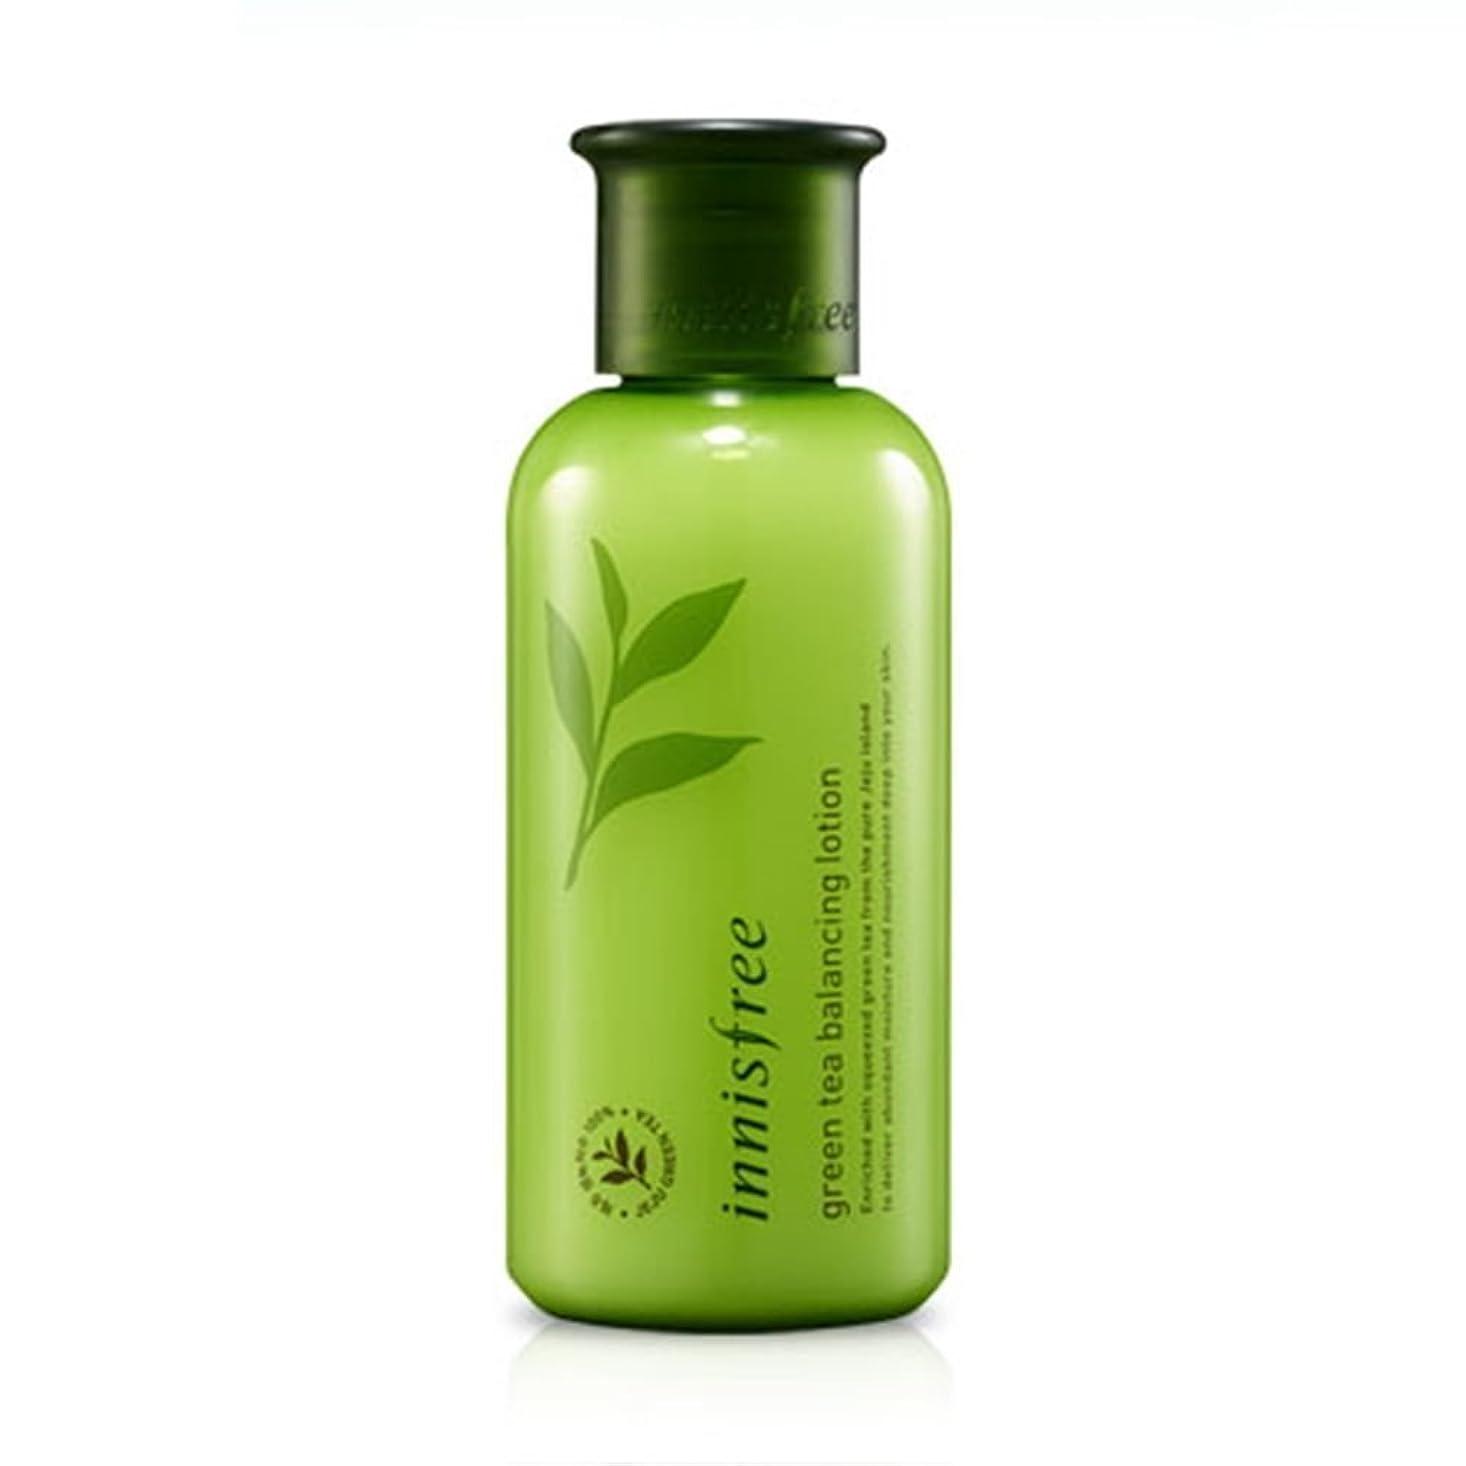 革新予報オーケストラ【イニスフリー】 Innisfree Green Tea Balancing Lotion グリーンティーバランシングローション160mL [並行輸入品]